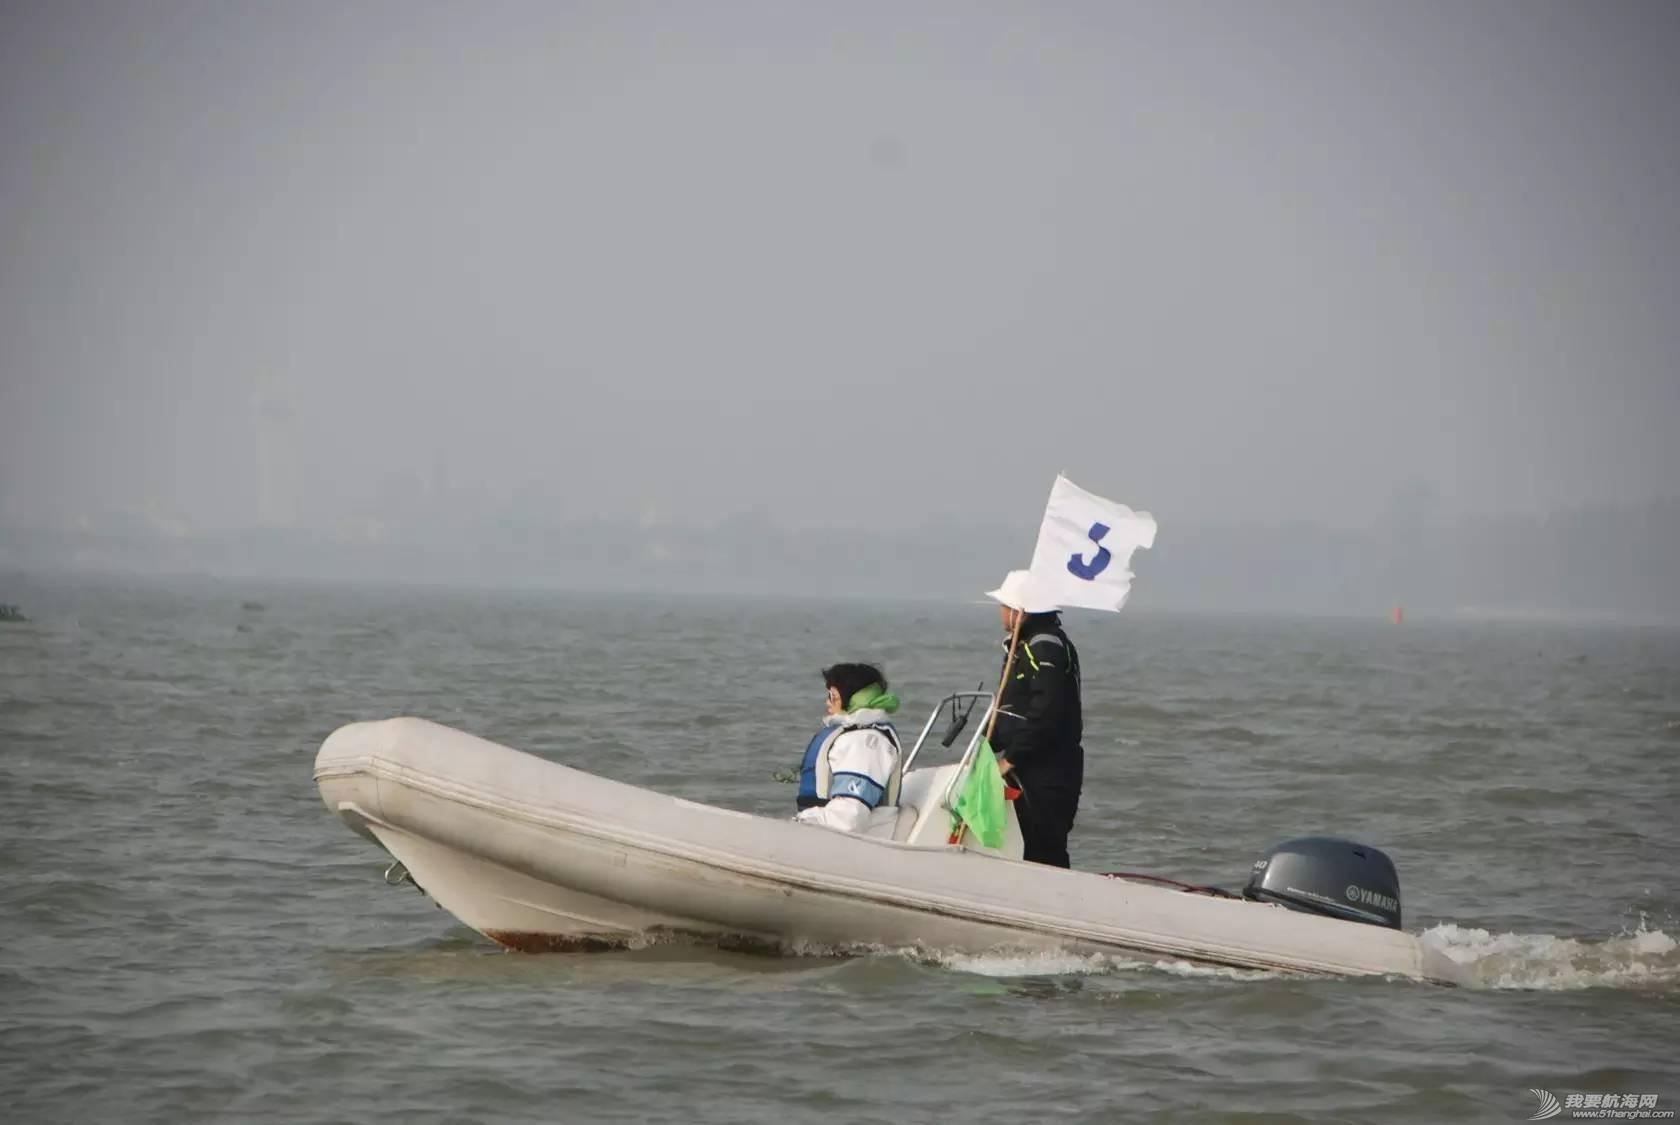 2016年中国(上海)国际游艇展慈善帆船赛竞赛通知 8488253b1e1bbf3460a9e8f284ea1c3c.jpg